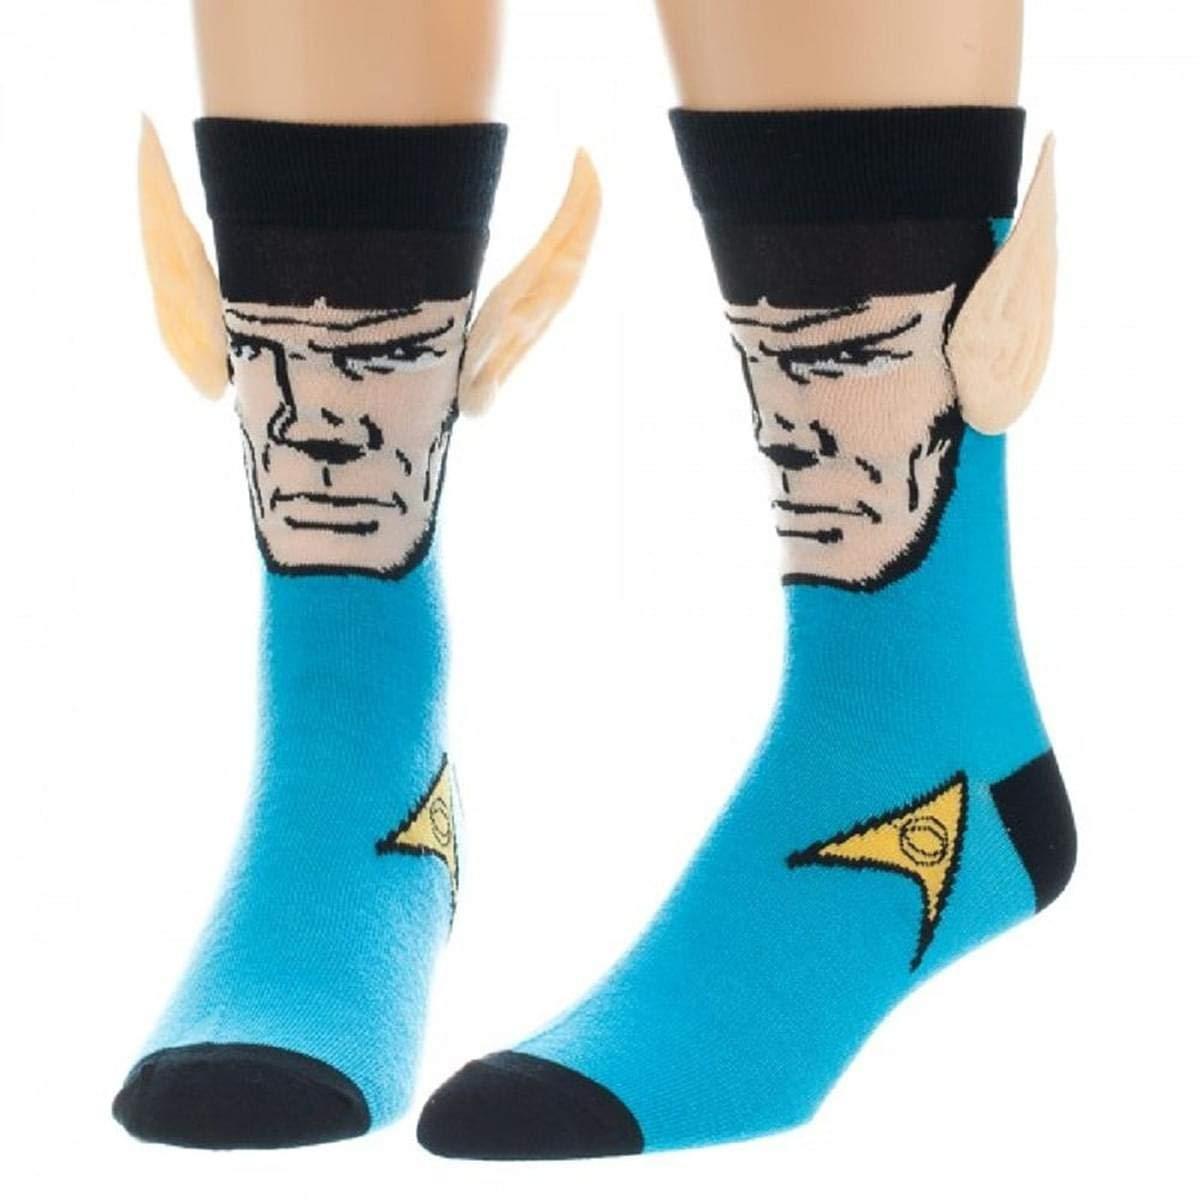 Star Trek Spock with Ears Crew Socks, Blue, Sock Size 10-13, Shoe Size 6-12